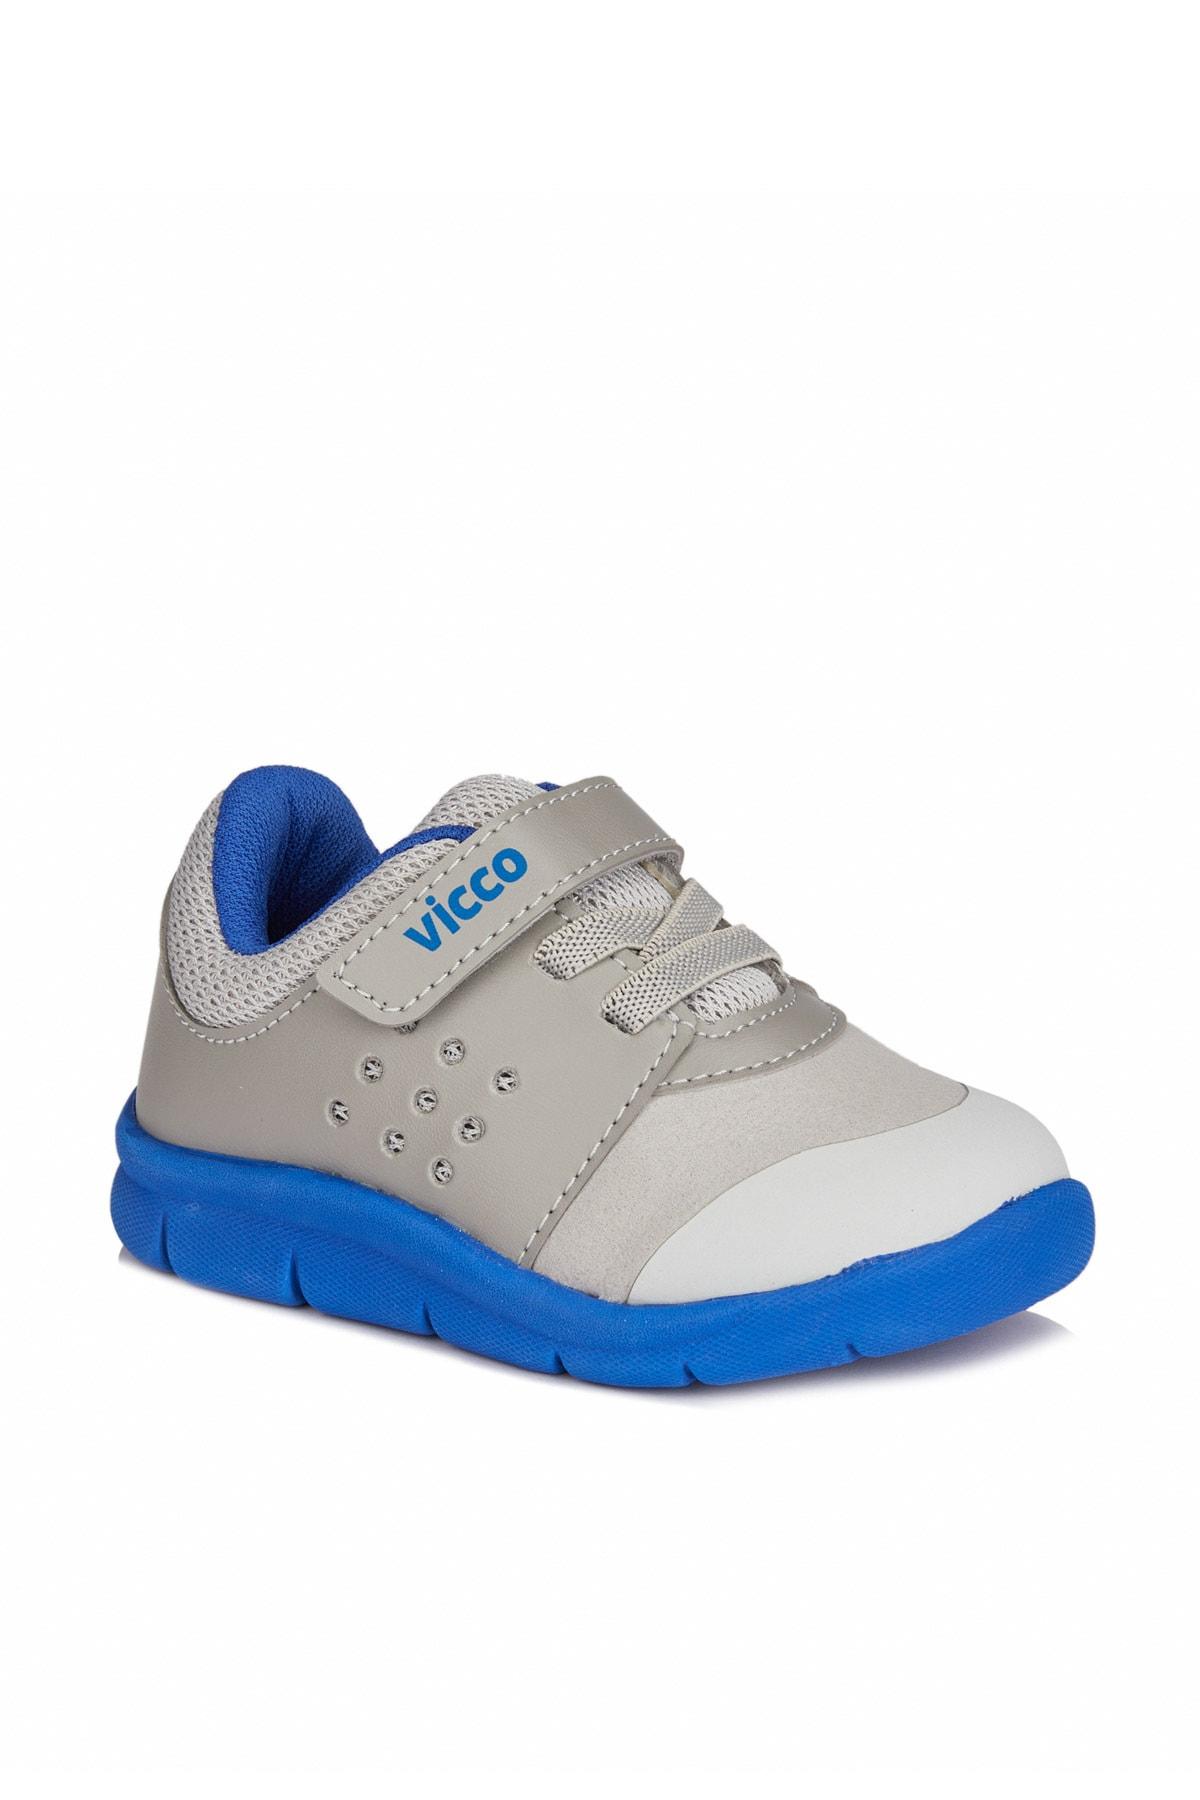 Vicco Mario Iı Erkek Ilk Adım Gri/saks Mavi Spor Ayakkabı 1